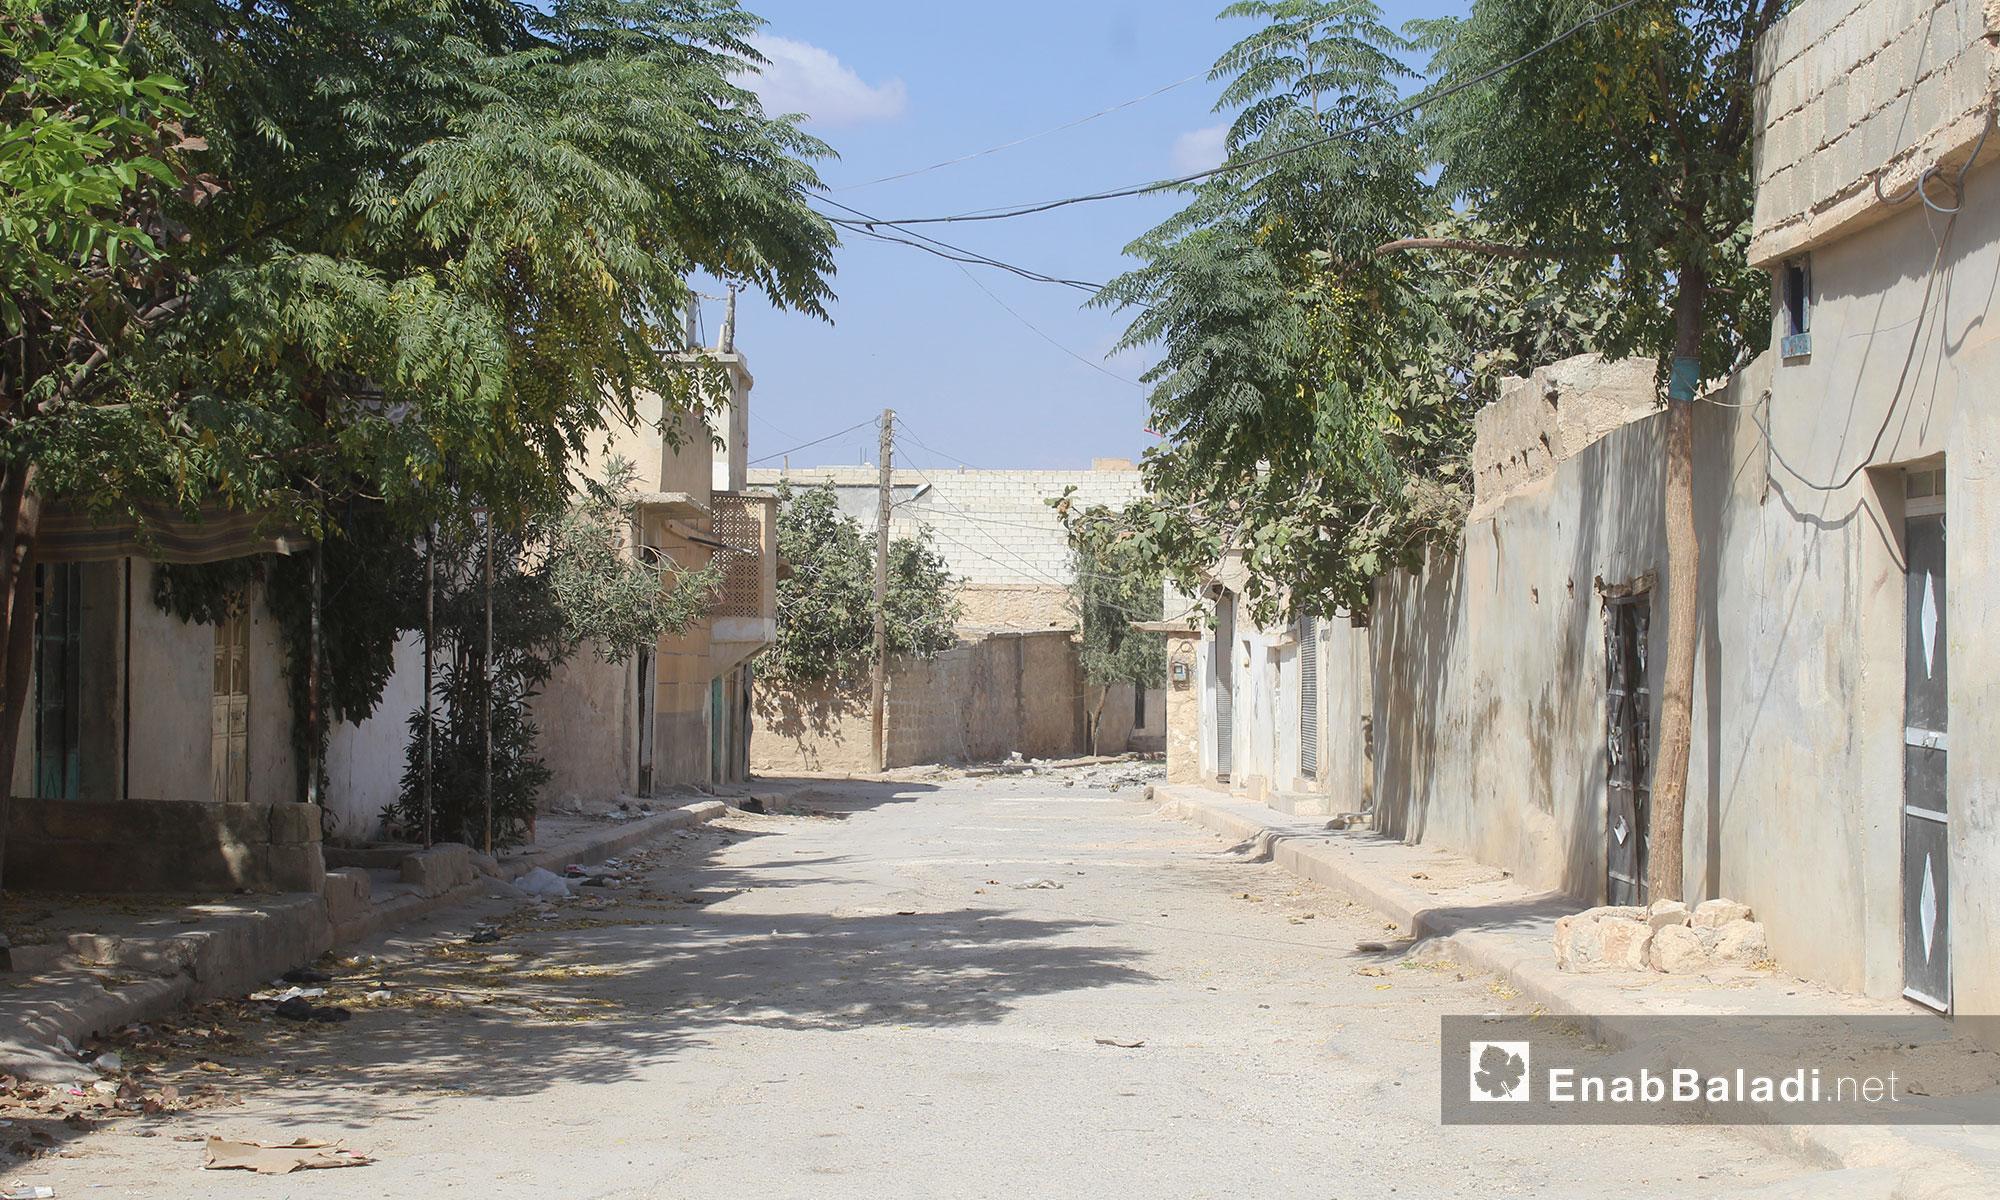 أحد أحياء بلدة أخترين في ريف حلب الشمالي 11 - كانون الأول 2016 (عنب بلدي)